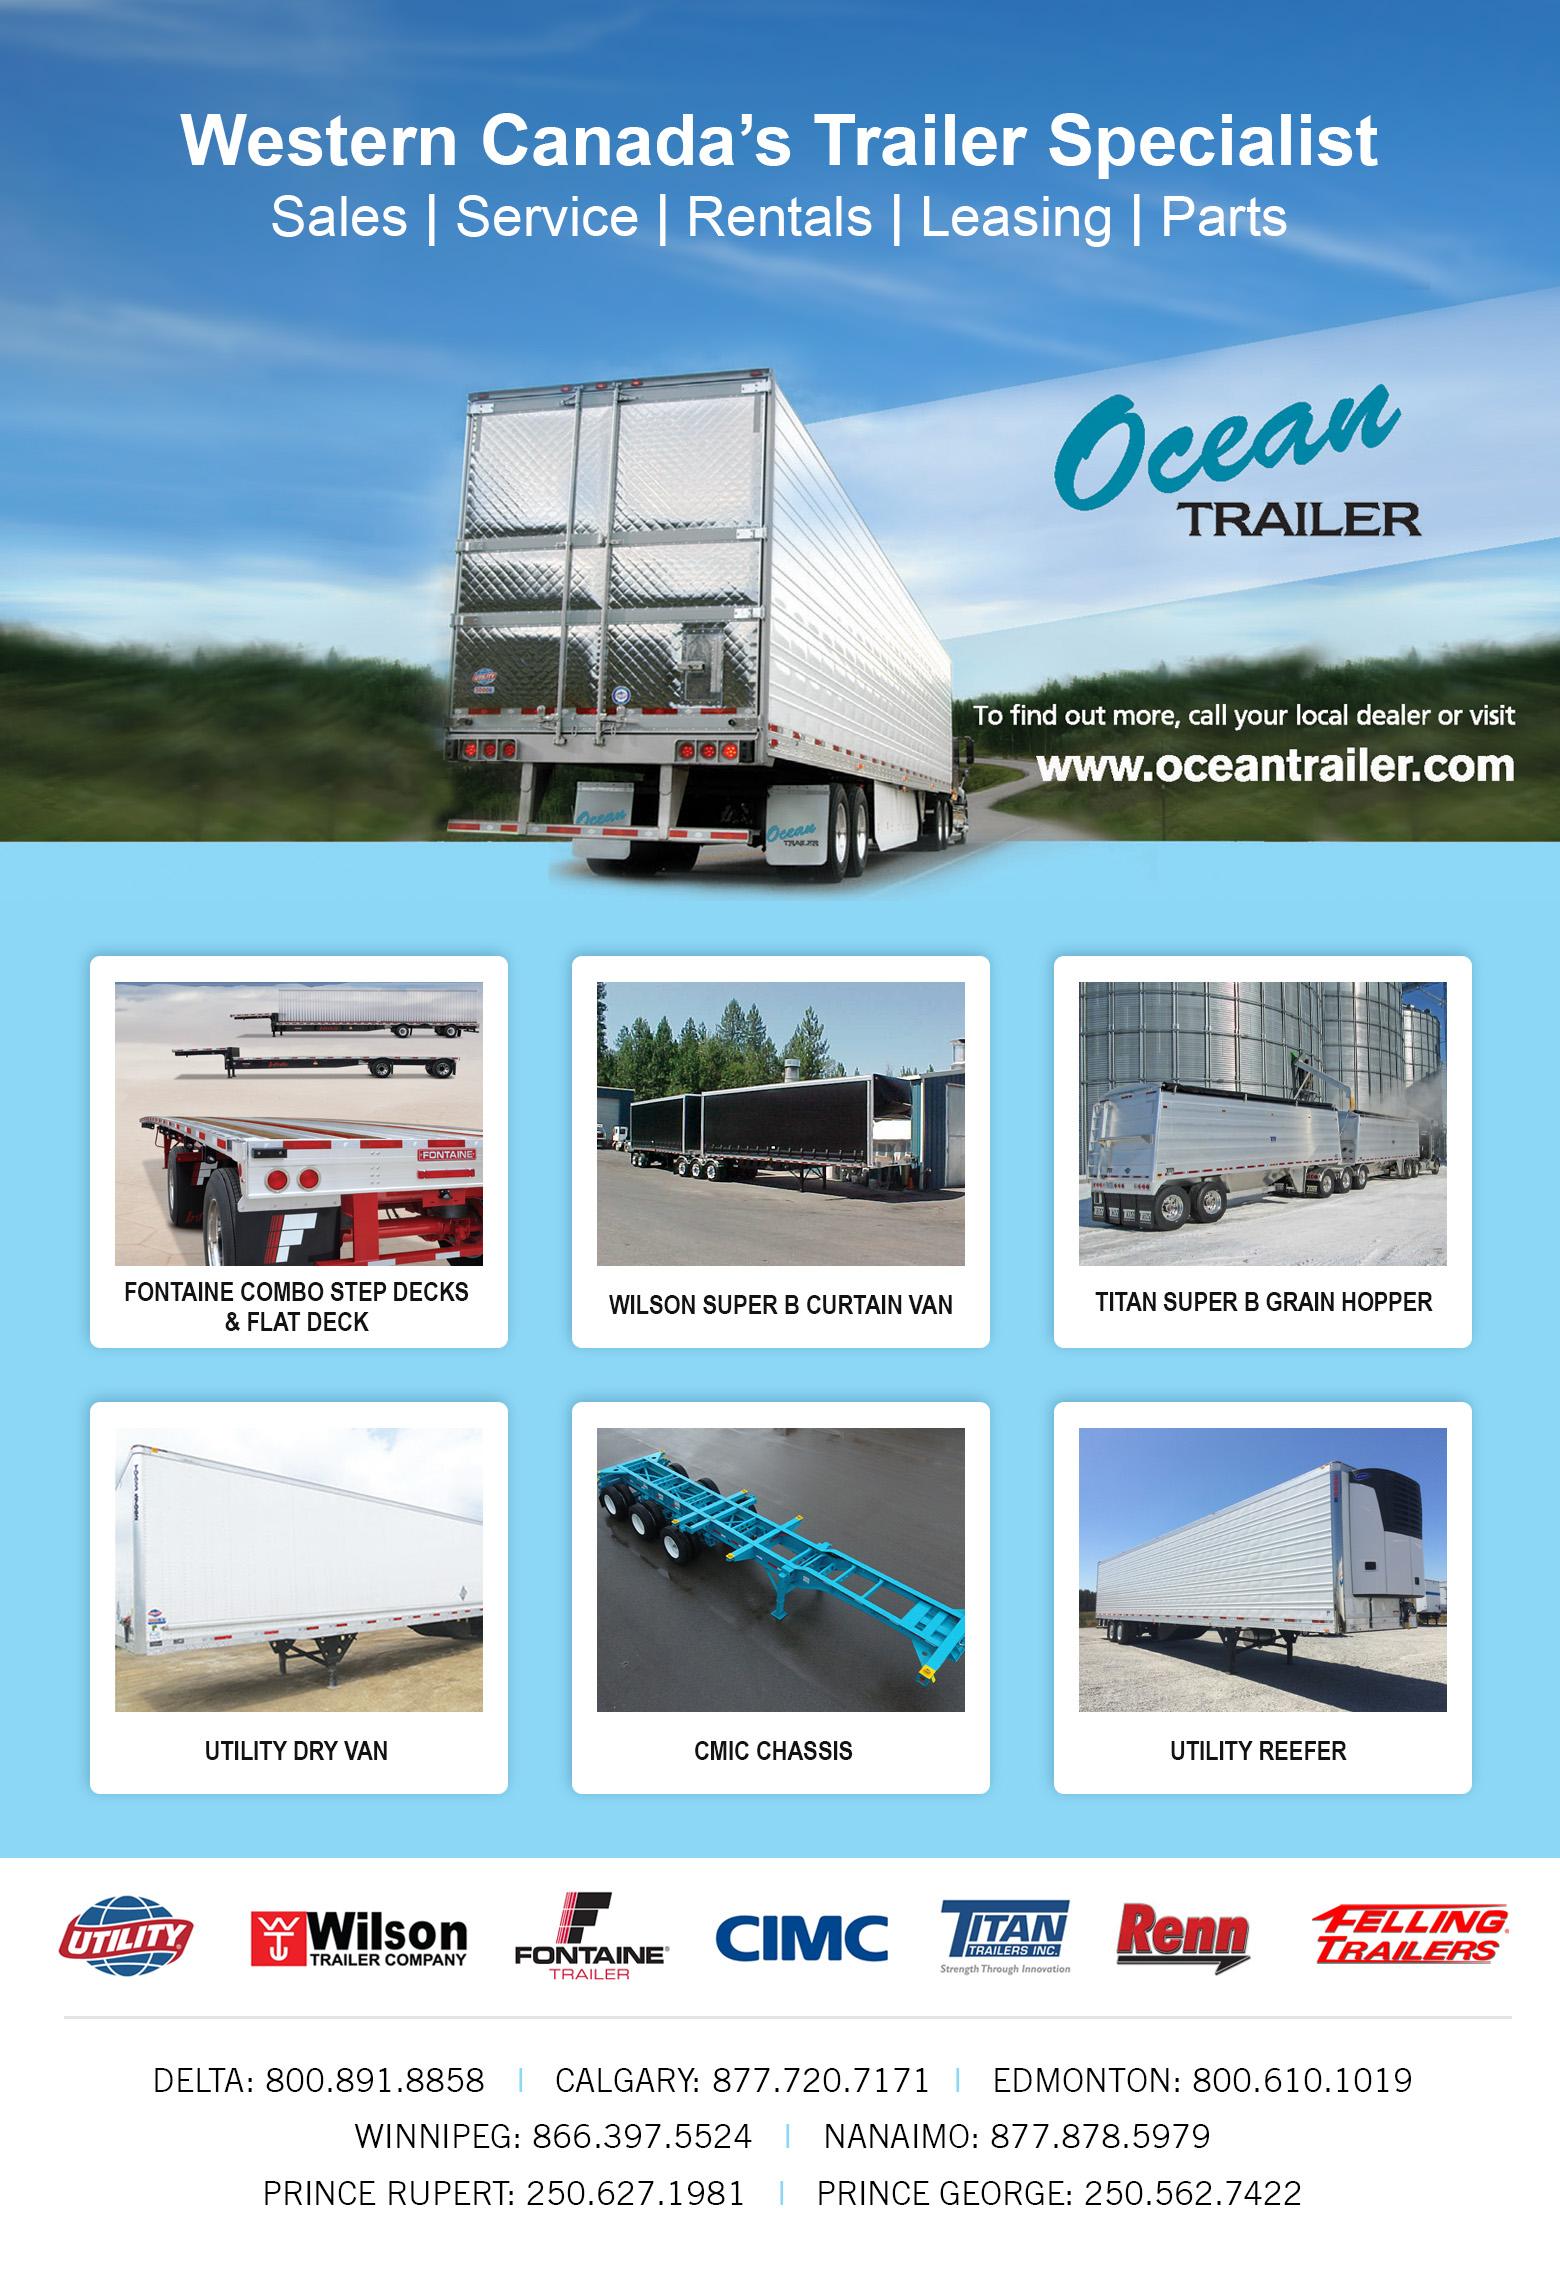 ocean-trailer-z9HyxDt.jpeg